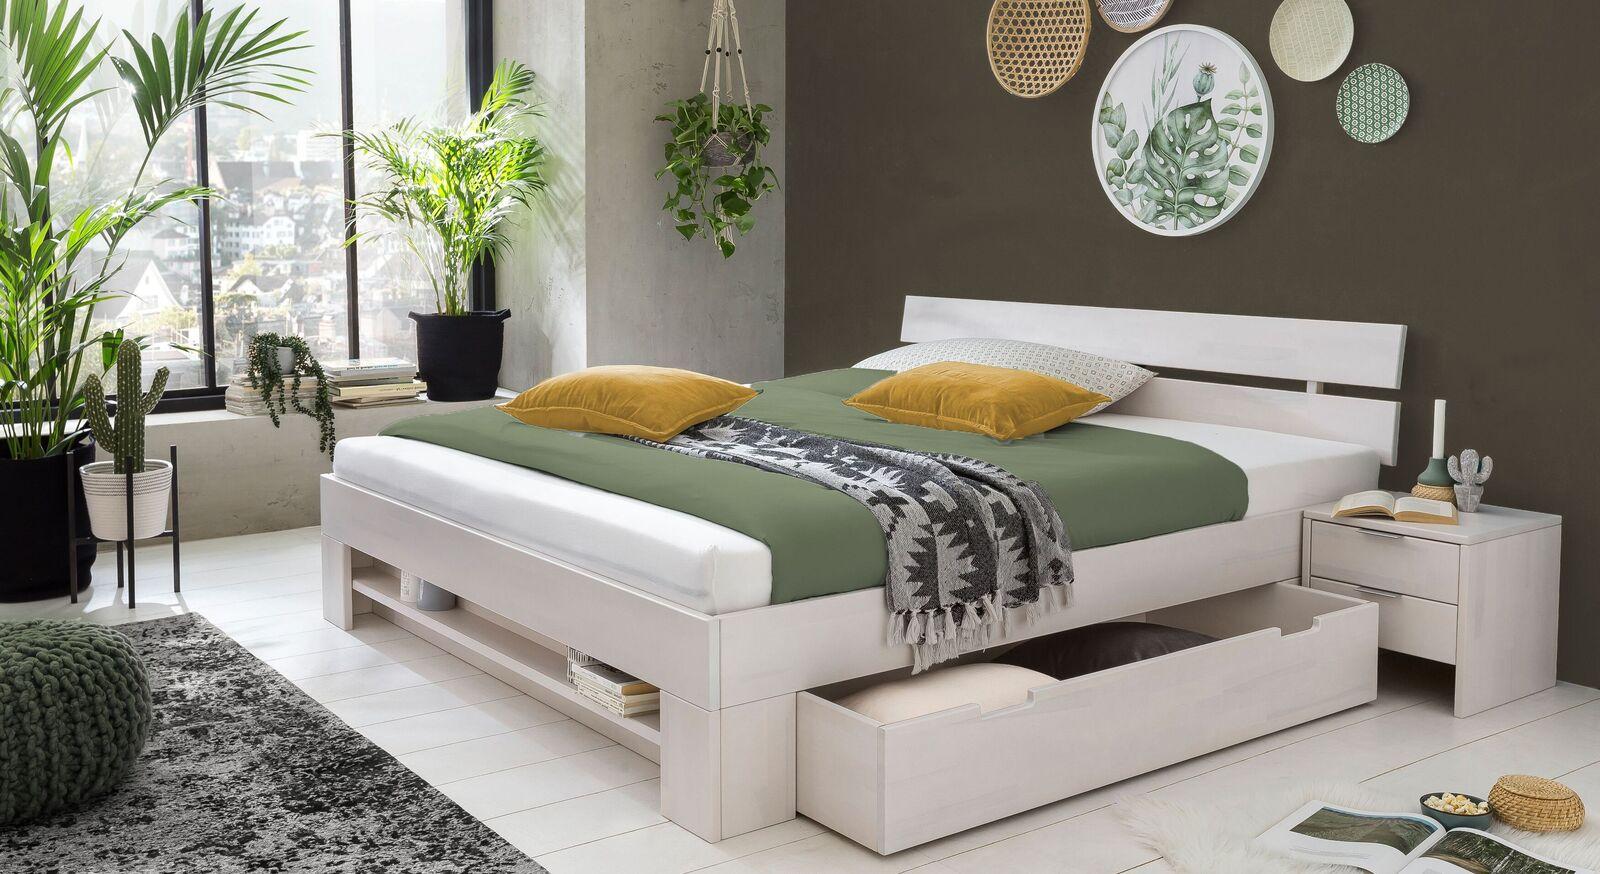 Schubkasten-Bett Valor mit passendem Nachttisch